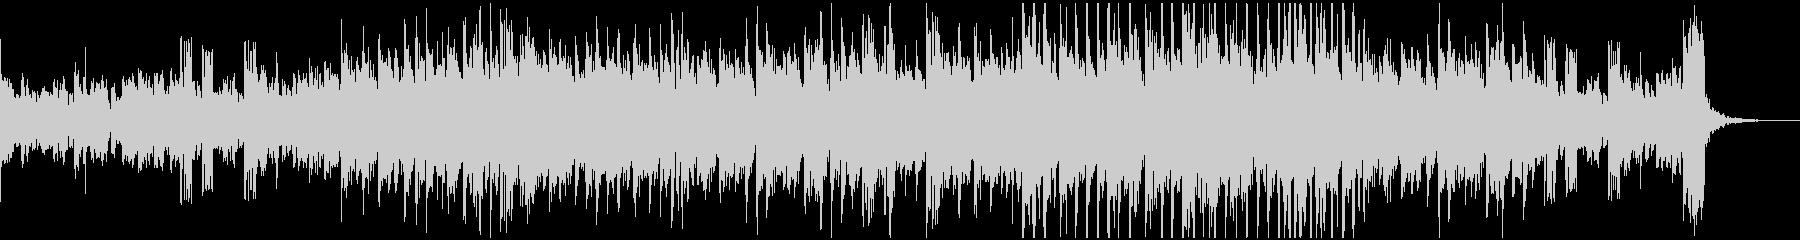 D&B系の短めインストの未再生の波形